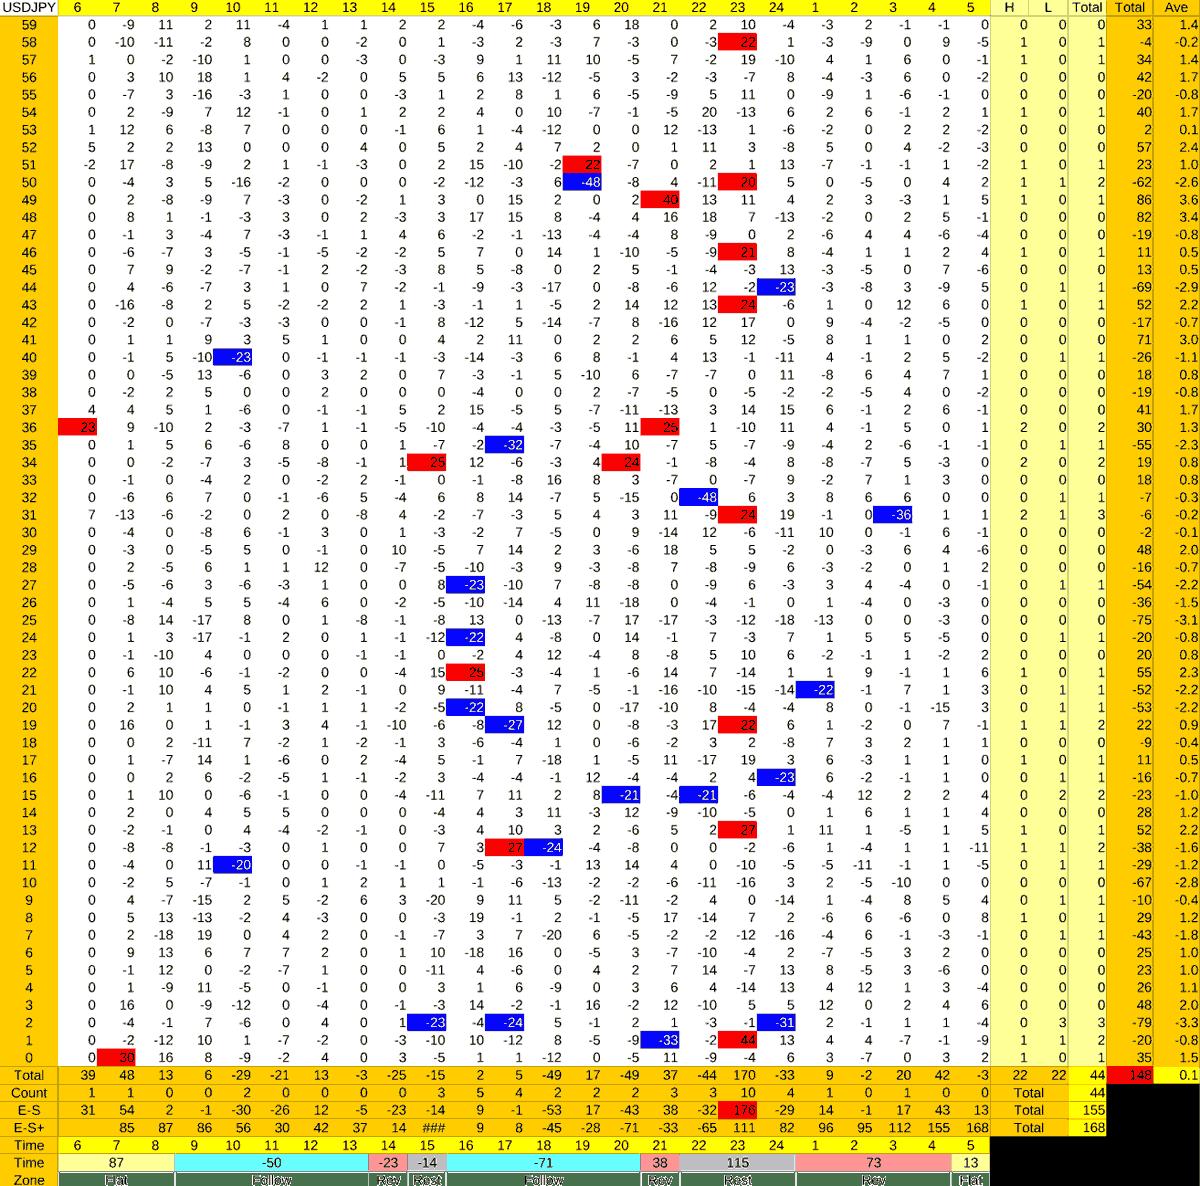 20210809_HS(1)USDJPY-min